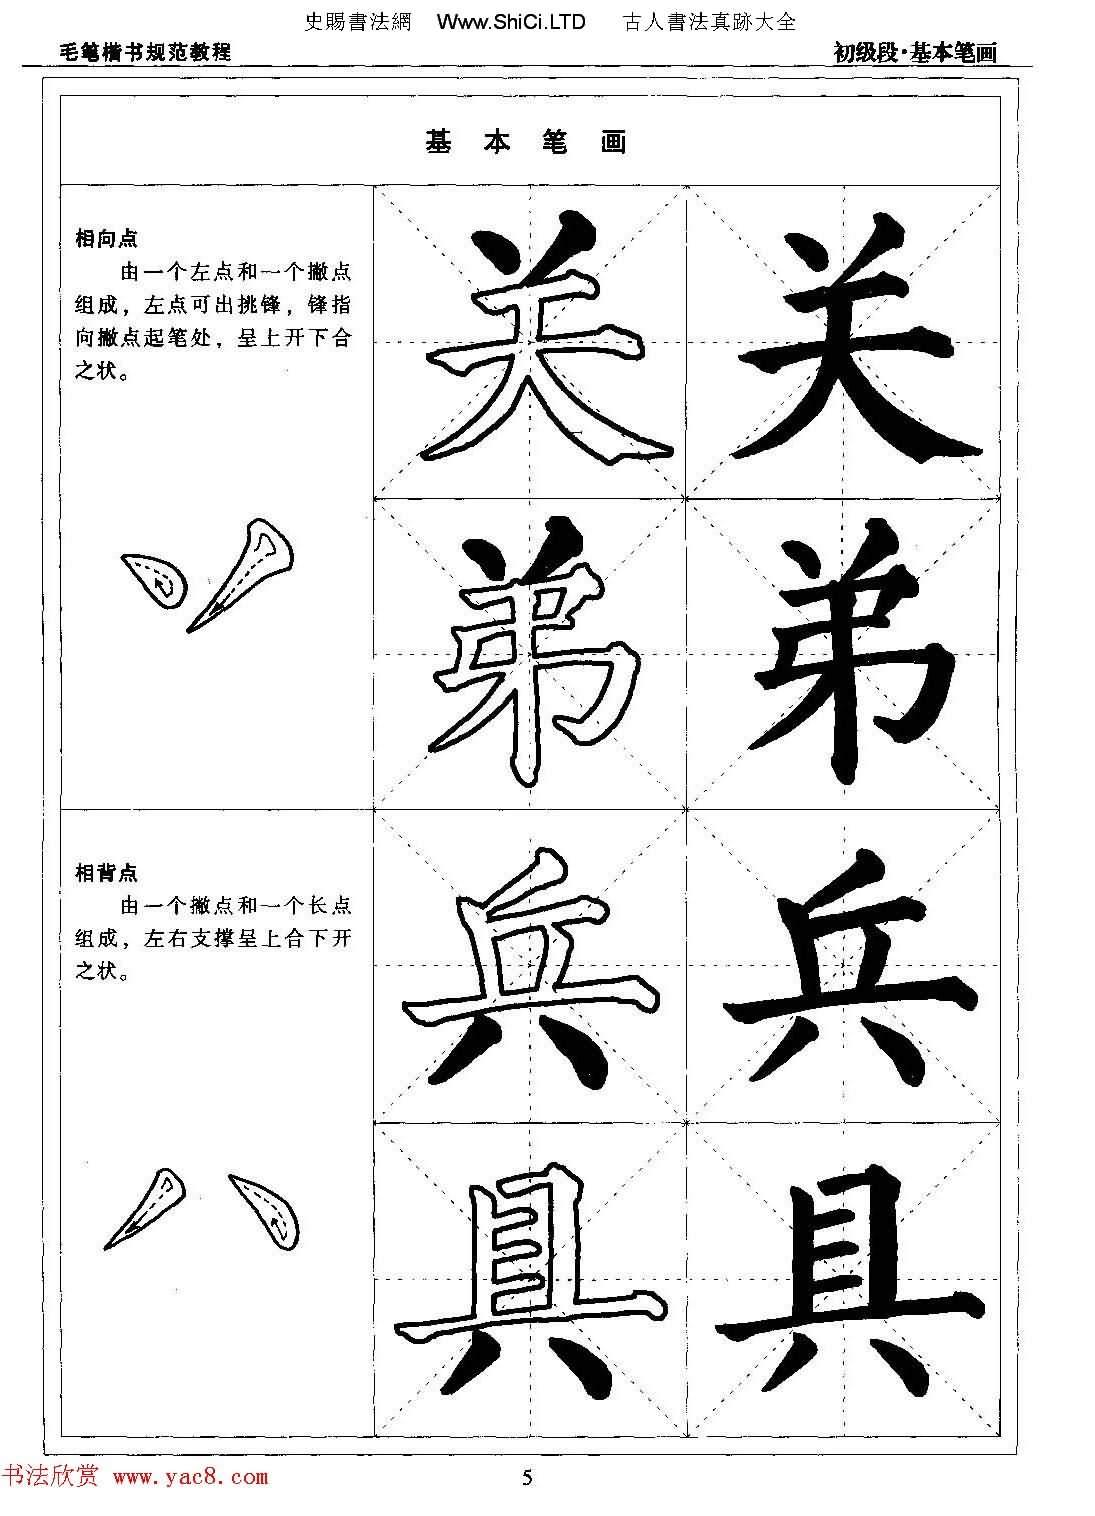 海南版精品字帖《毛筆楷書實用教程-楷書筆畫》